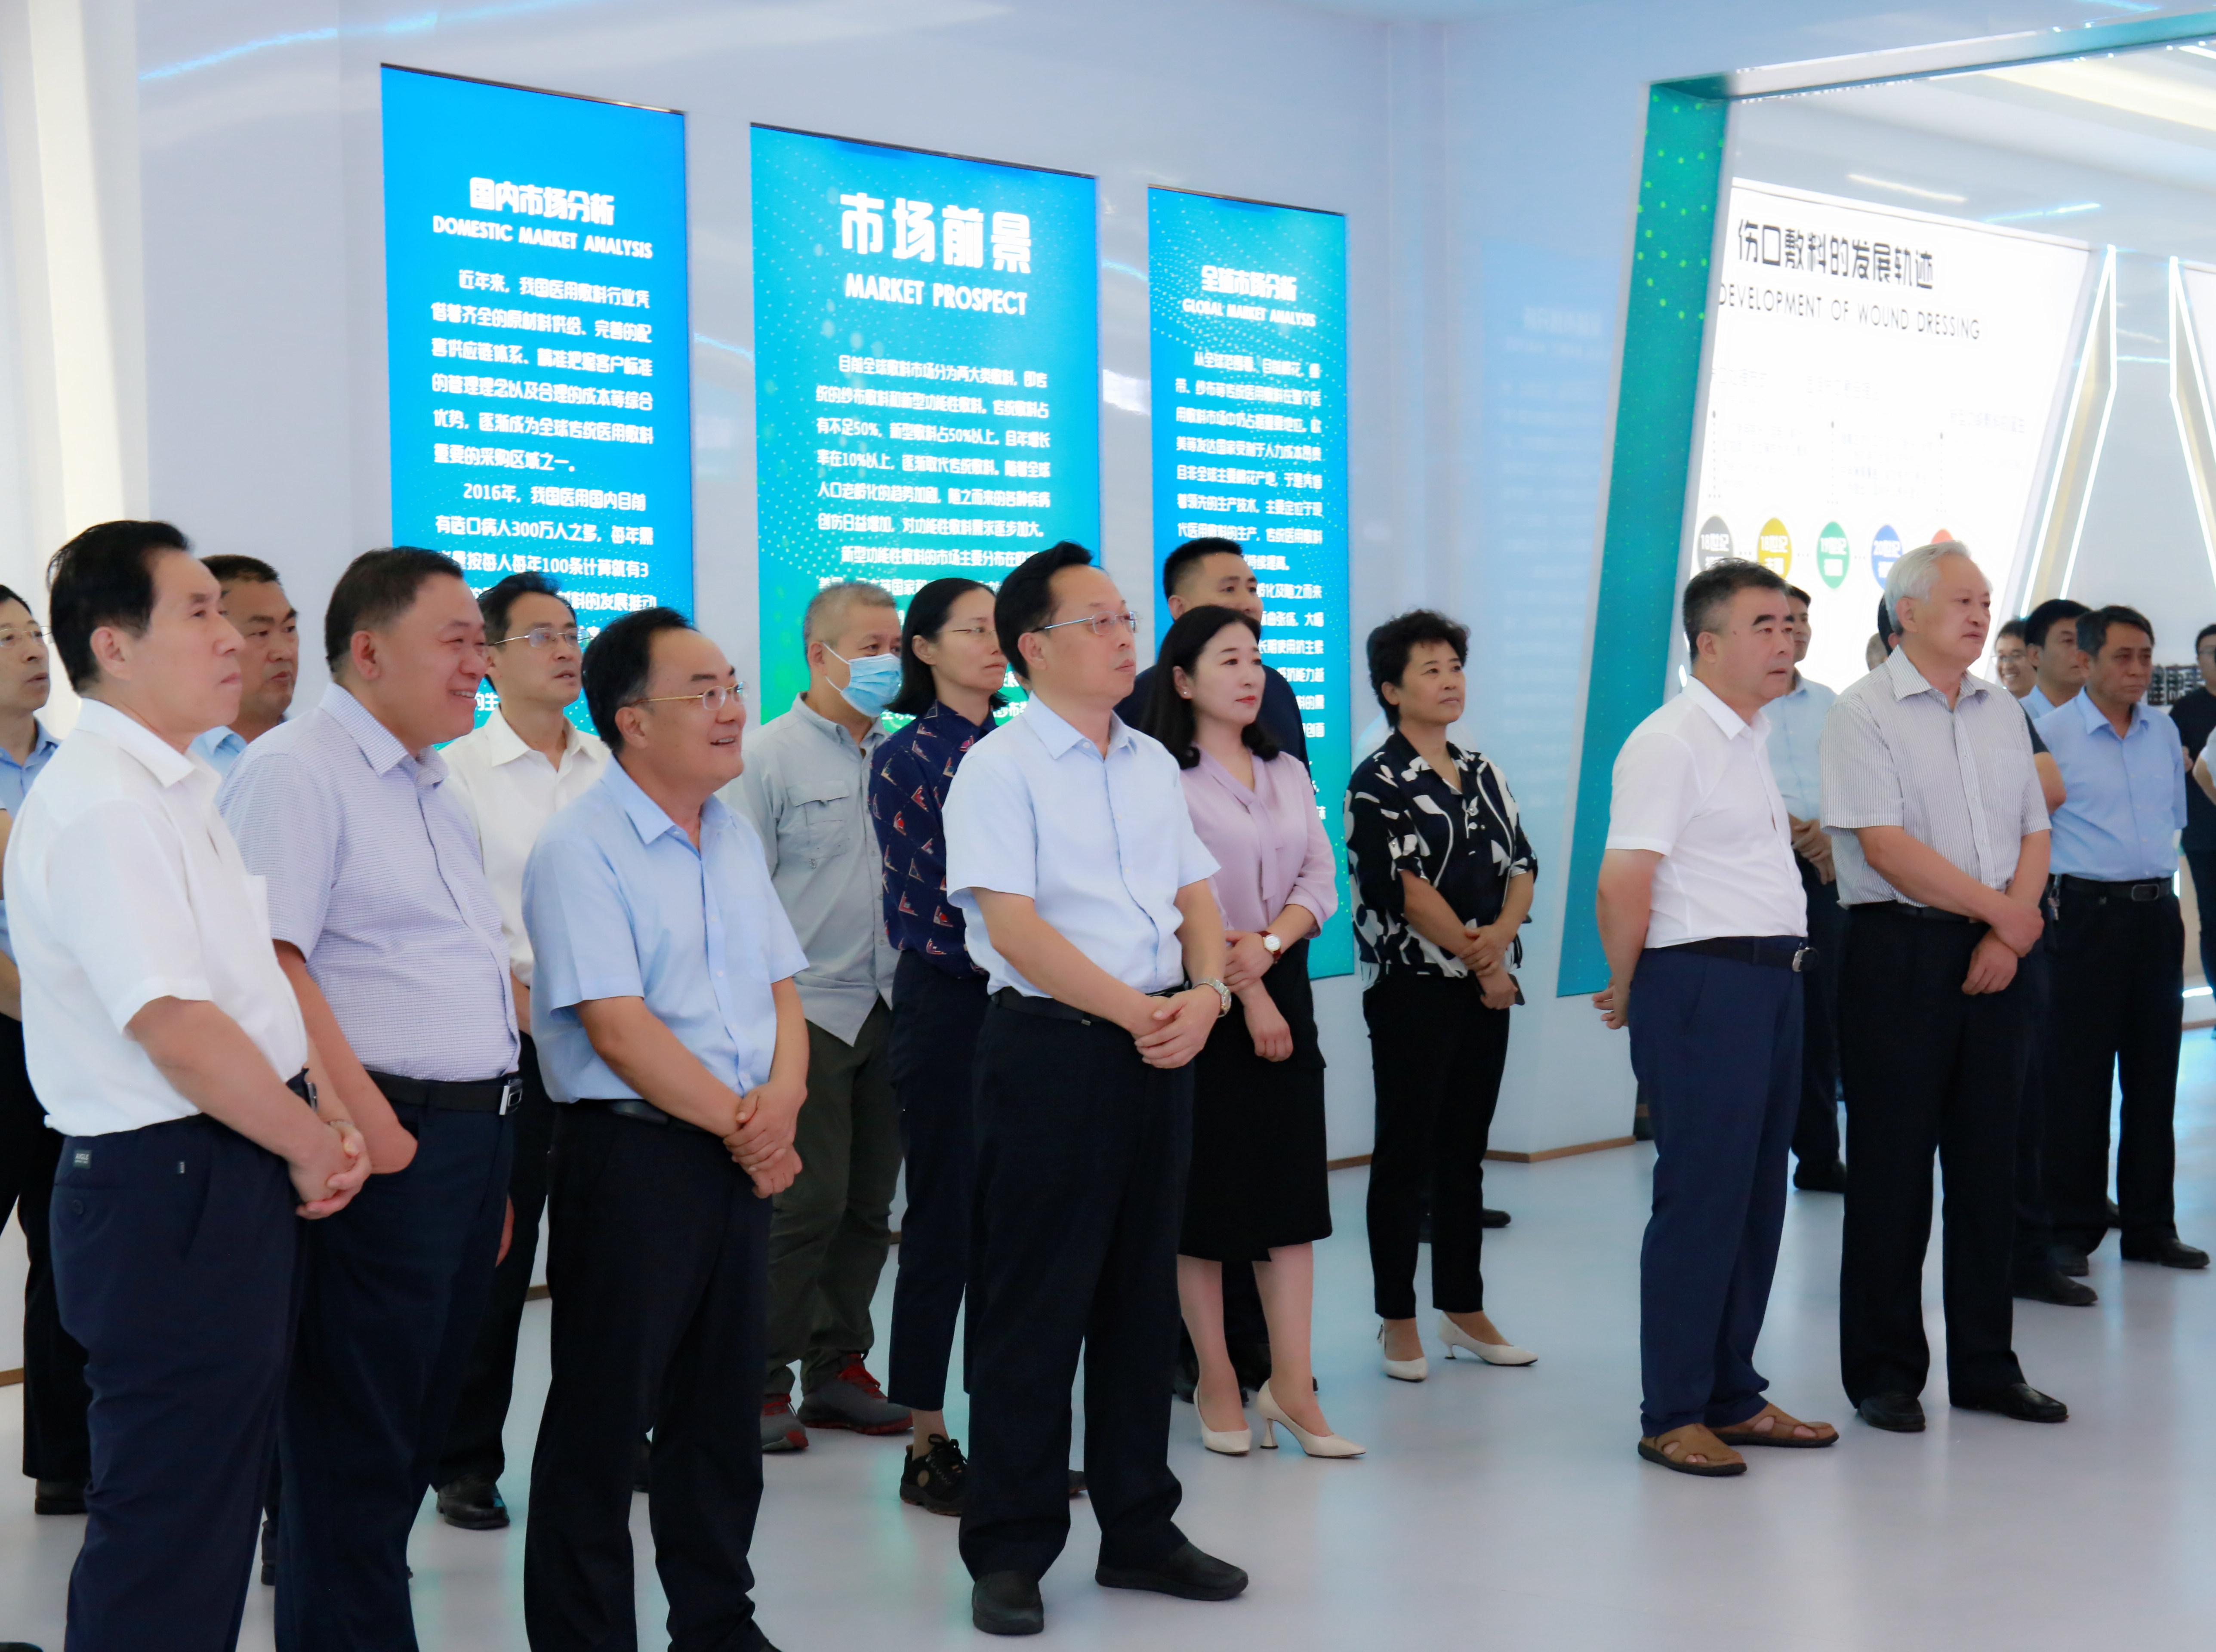 省政协副主席刘均刚一行领导莅临康力医疗调研指导工作